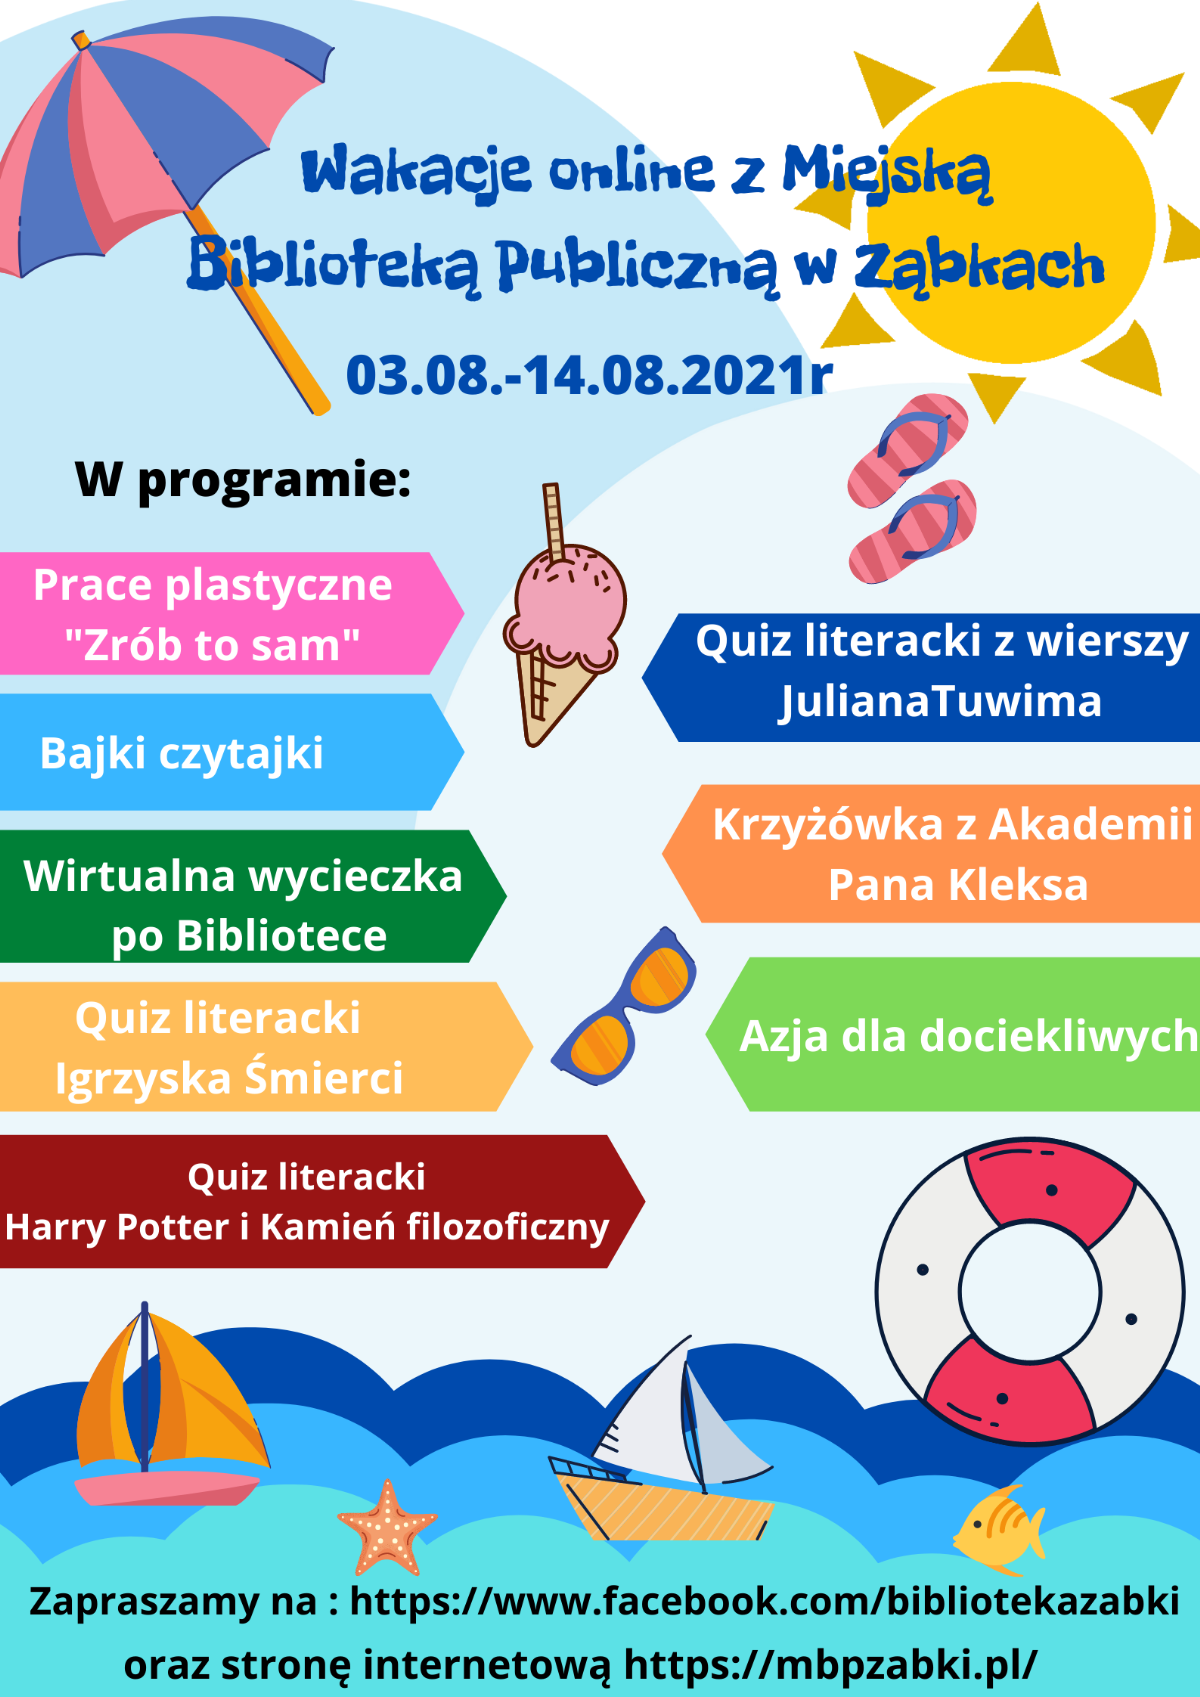 Wakacje online z Miejską Biblioteką Publiczna w Zabkach